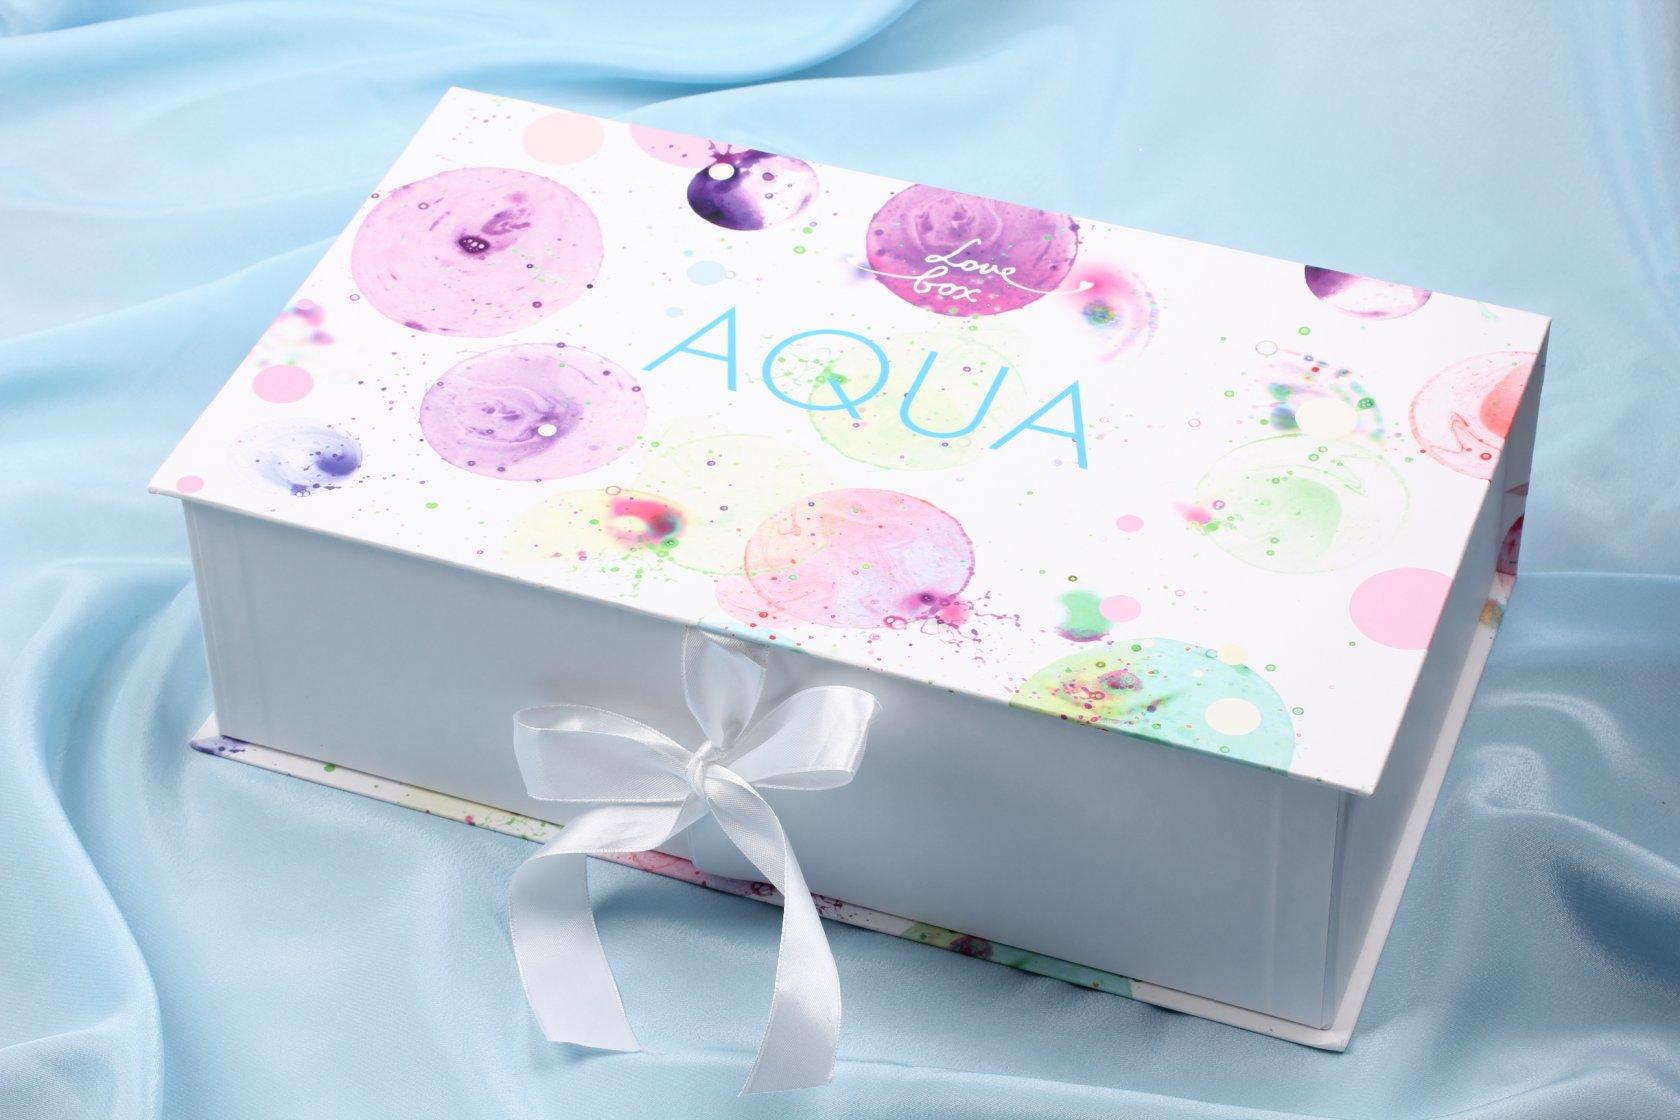 Что подарить девушке, что подарить на годовщину, подарок на свадьбу